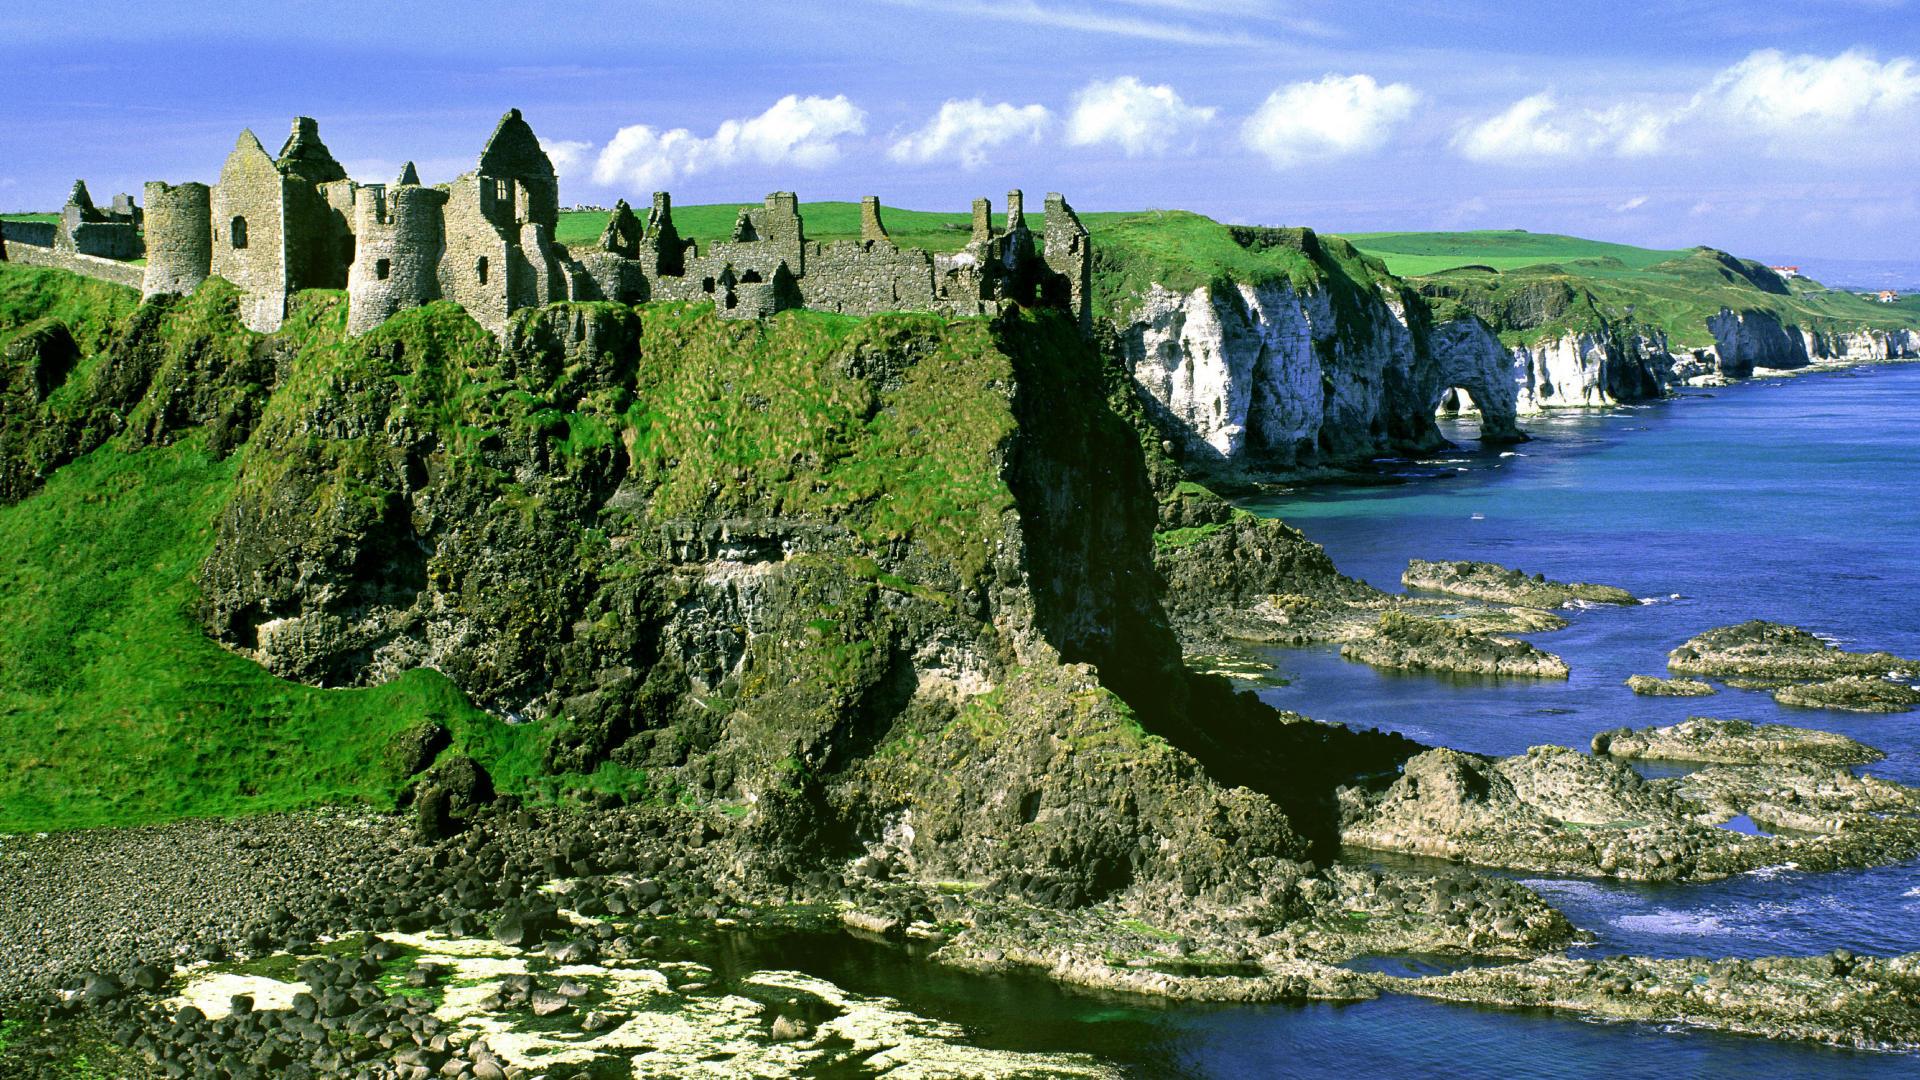 Írország nem olyan ország, ahová az emberek szeretnének költözni. Valóban így van ez?